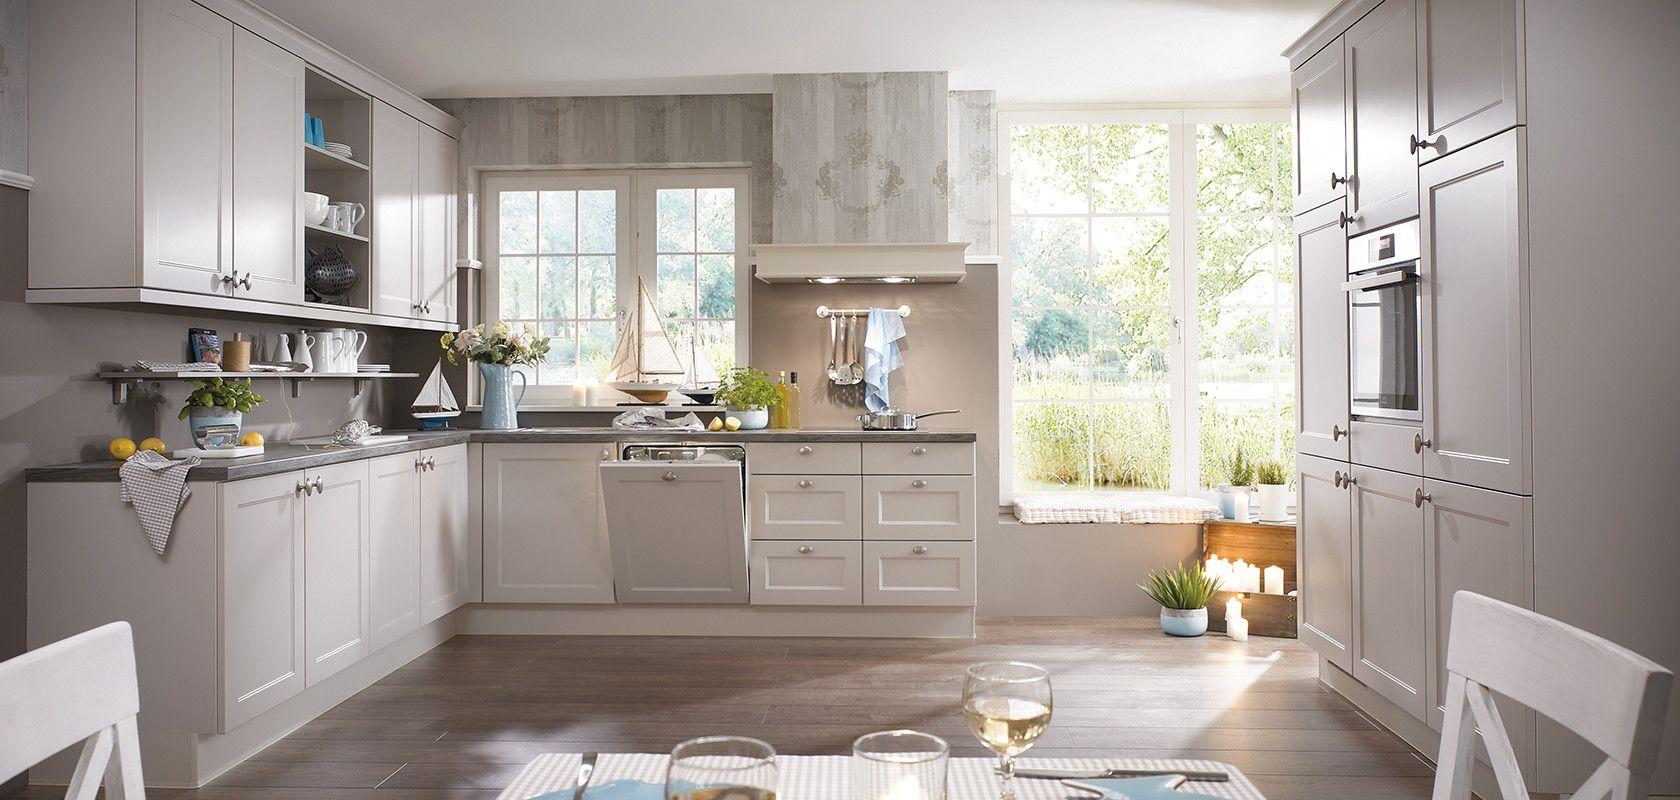 CHALET 20, Sand matt (Moderner Landhaus-Stil)  nobilia Küchen